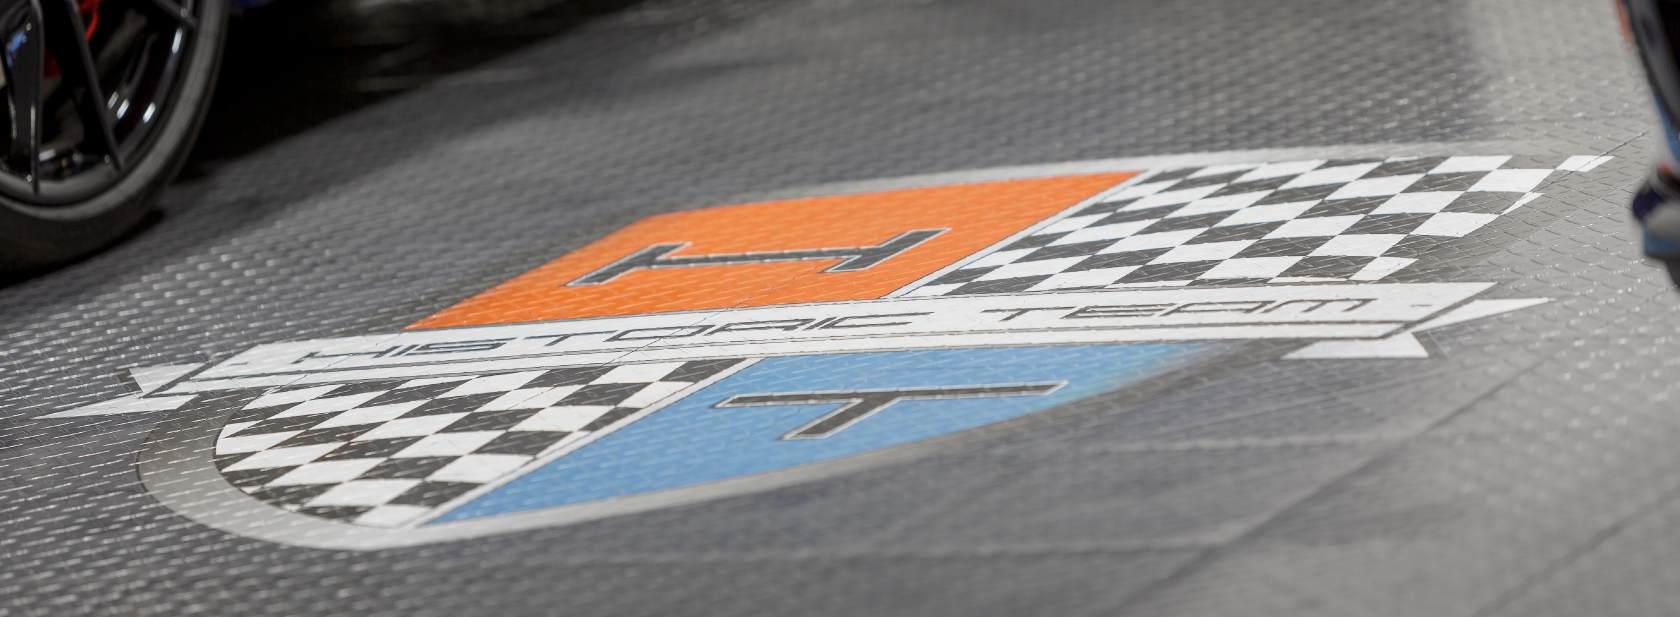 Le garage historic team vous propose des voitures d - Garage qui rachete des voitures occasion ...